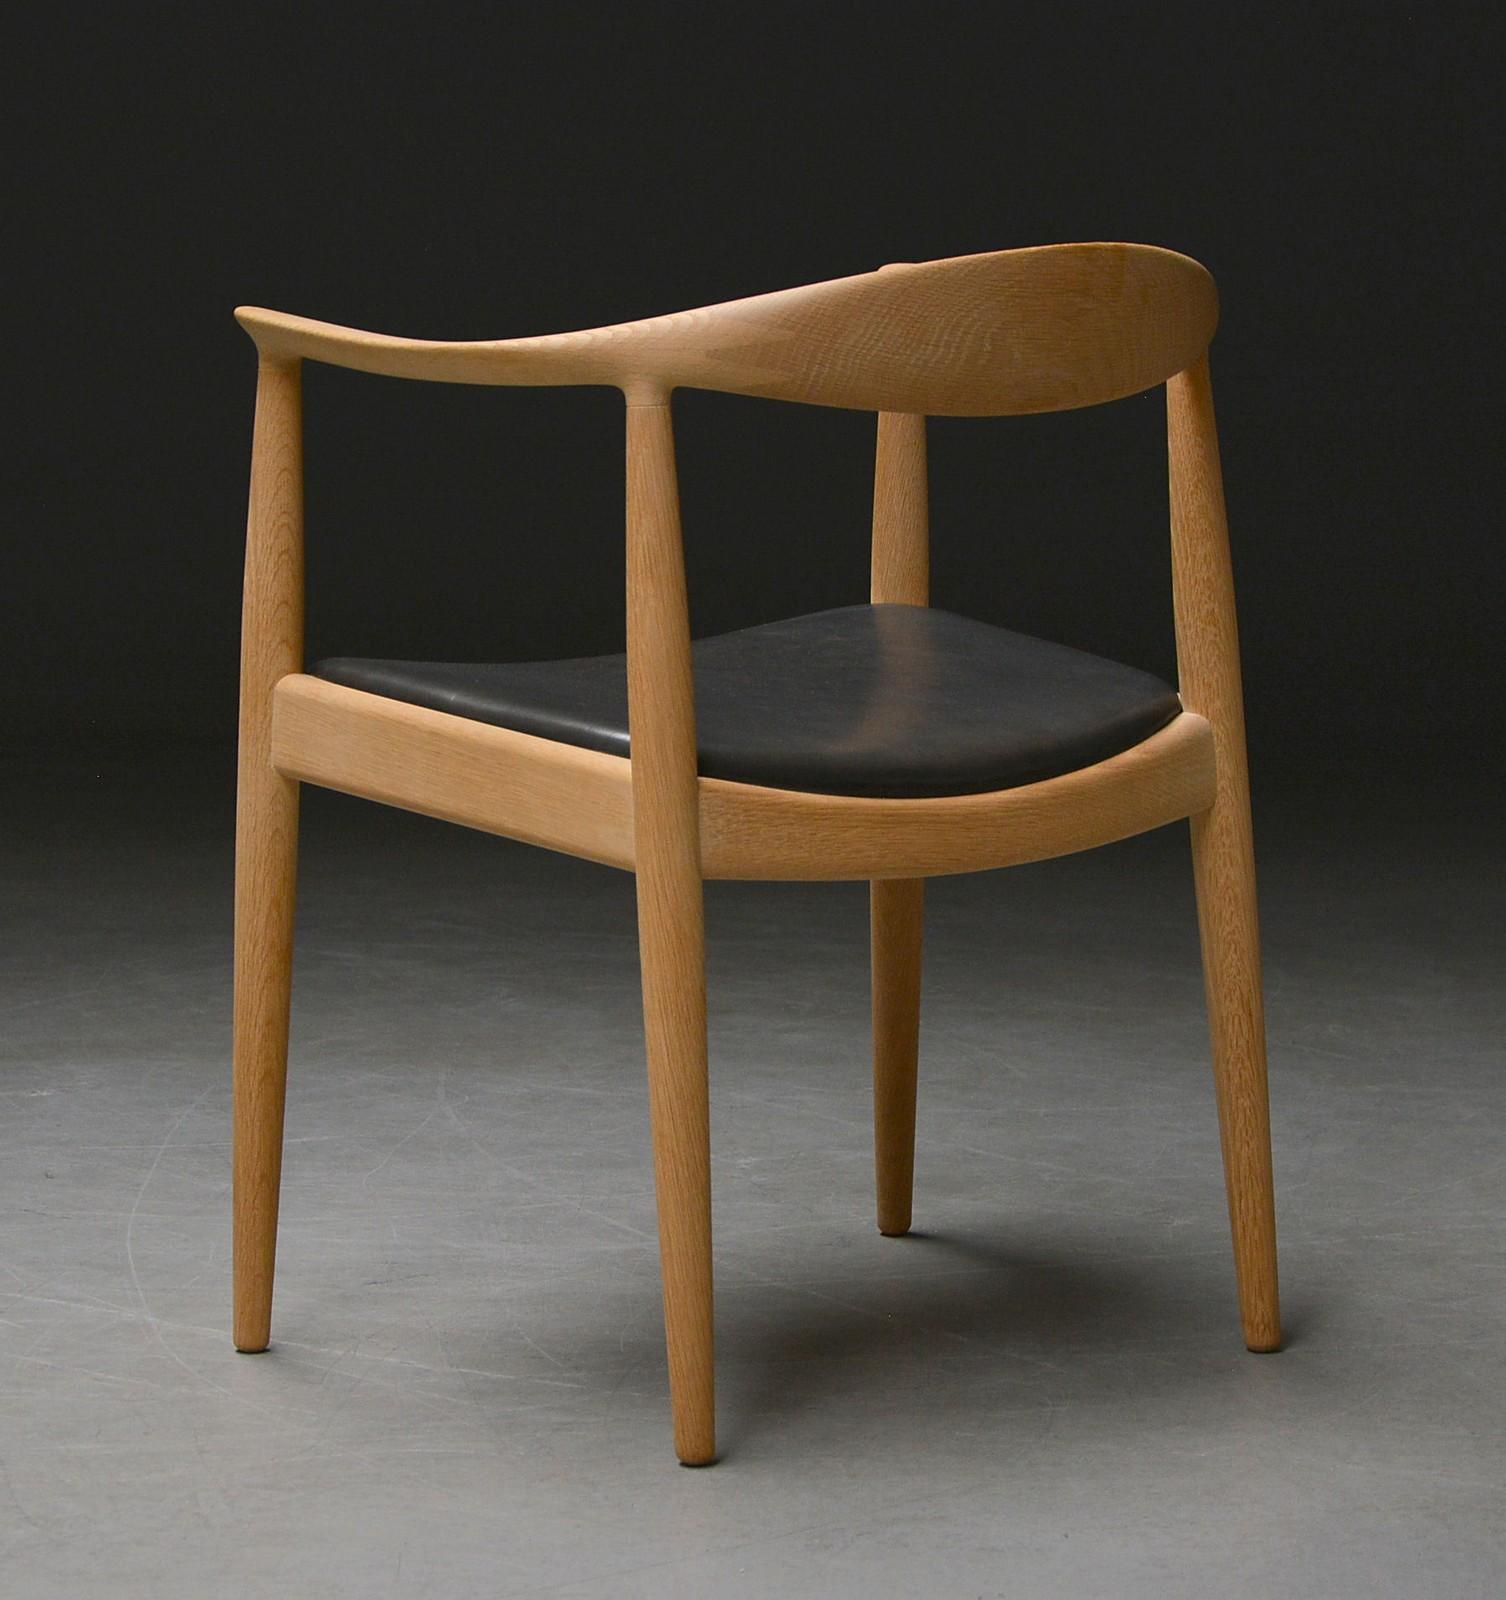 Hans. J. Wegner. Armstol, 'The chair' 'Den runde stol